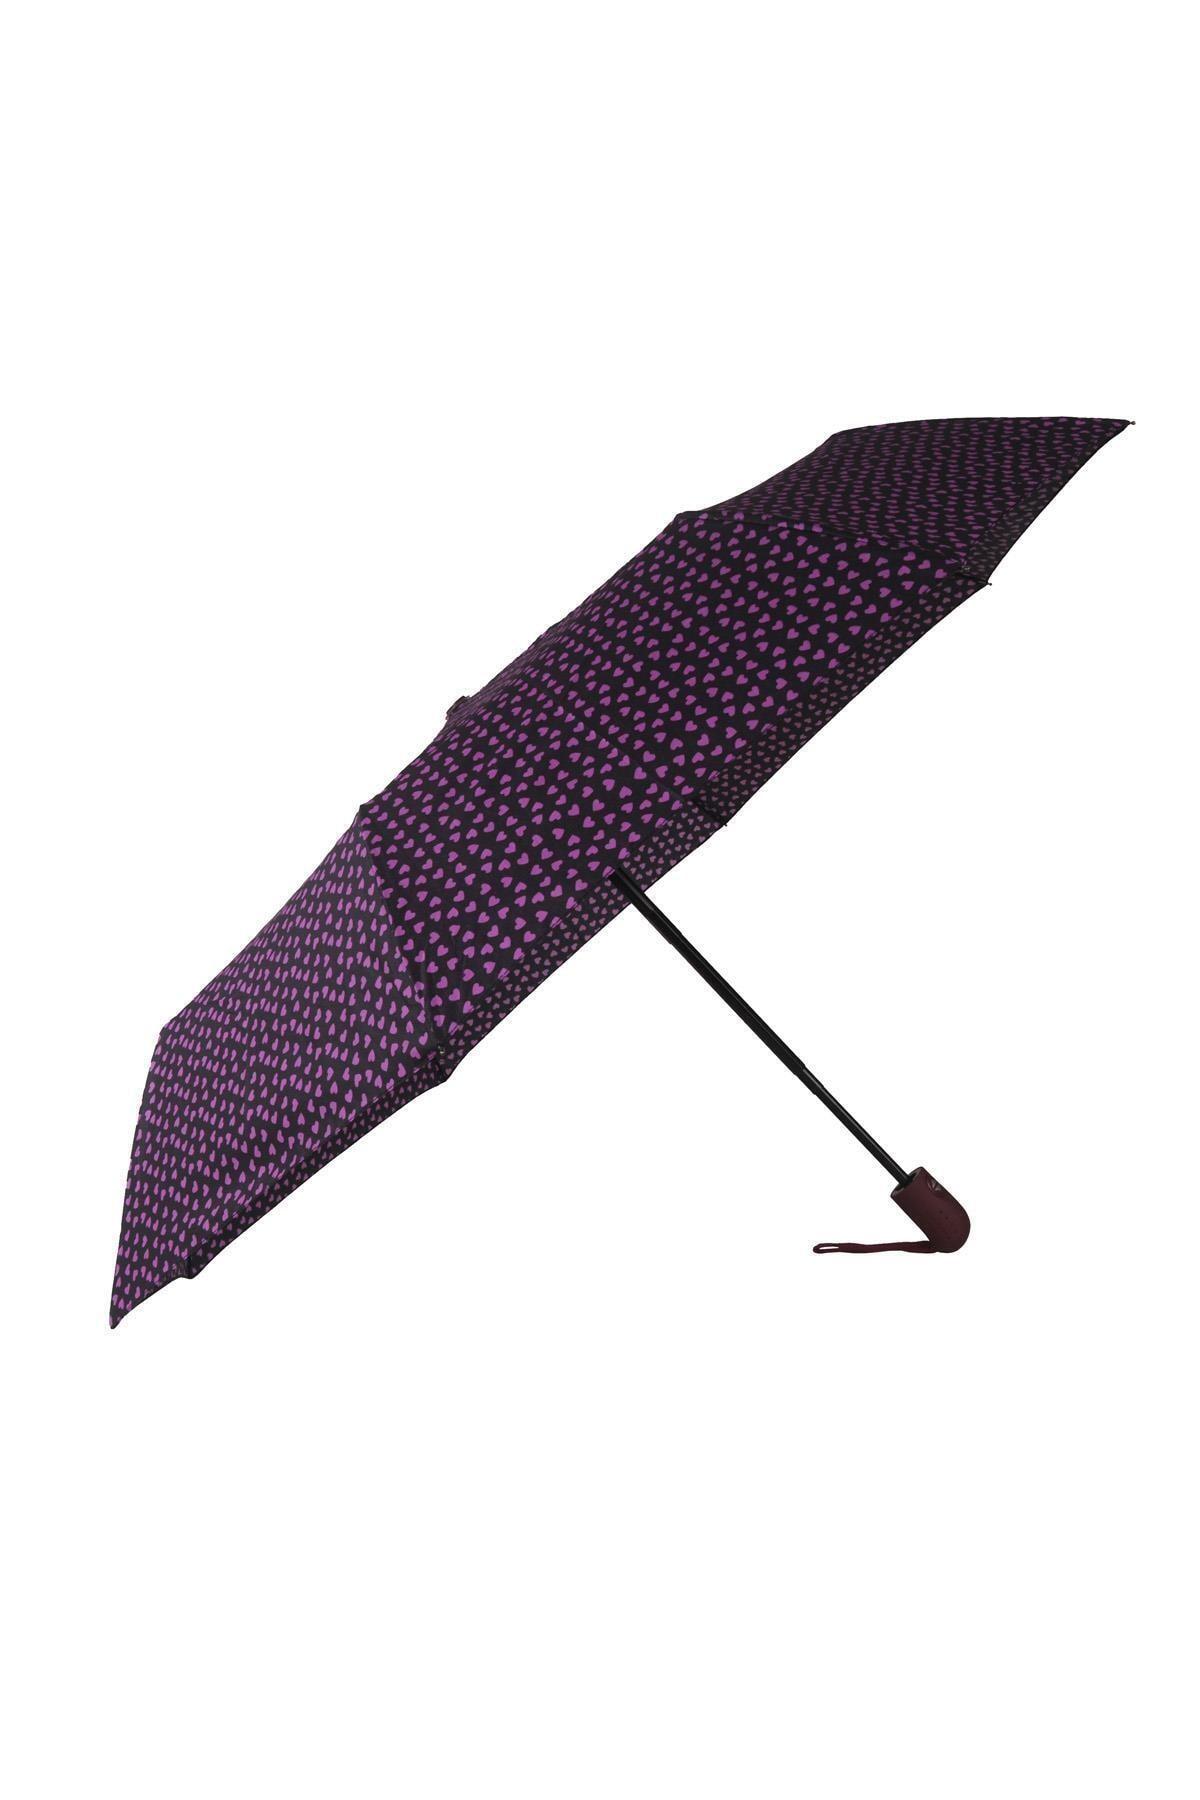 TREND Tam Otomatik Şemsiye Kalp Desenli Mor 6639 1